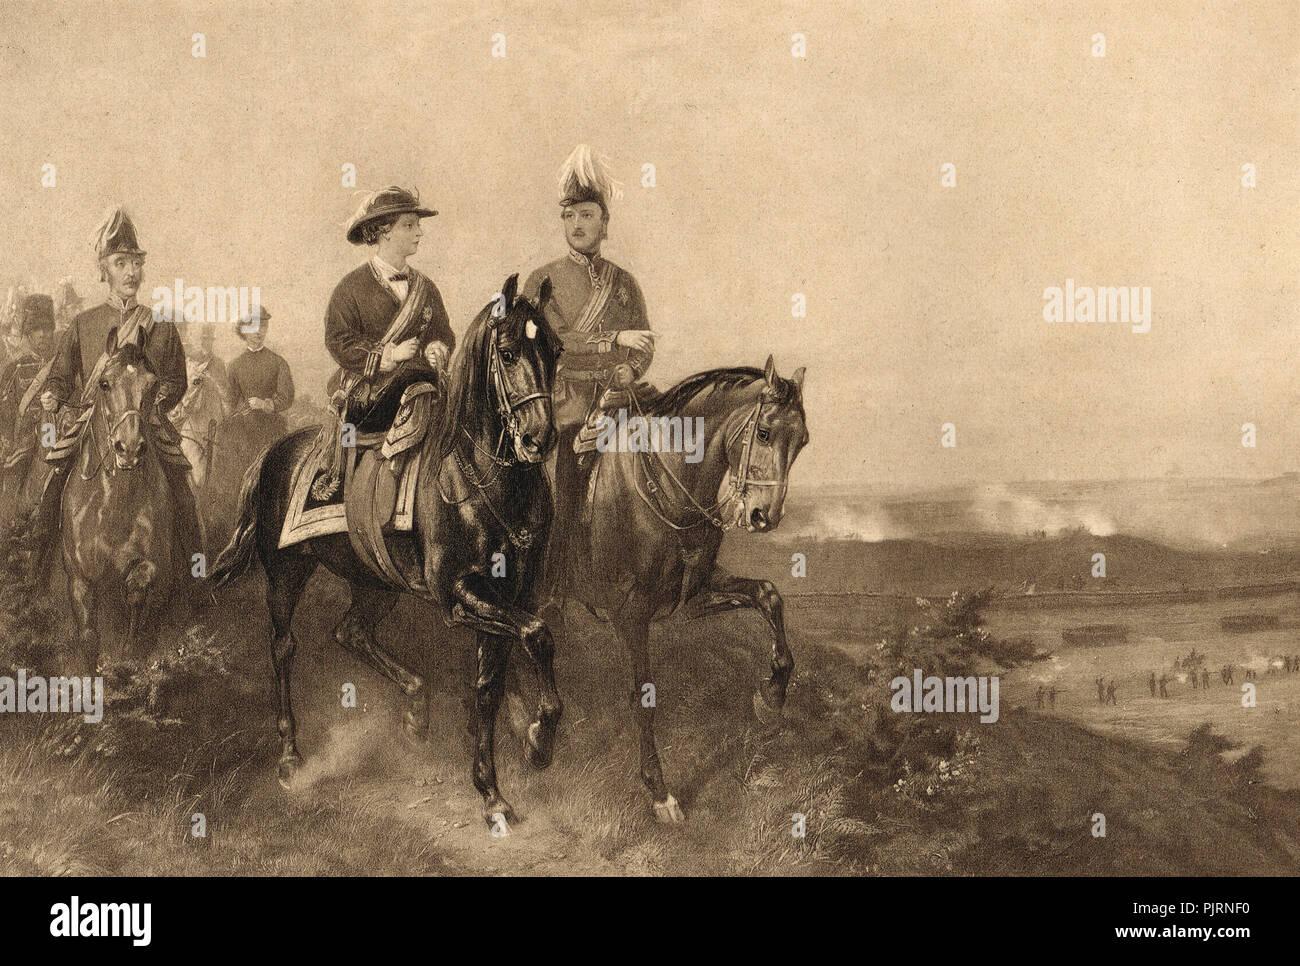 Queen Victoria and Prince Albert at Aldershot, 9 July 1859 - Stock Image